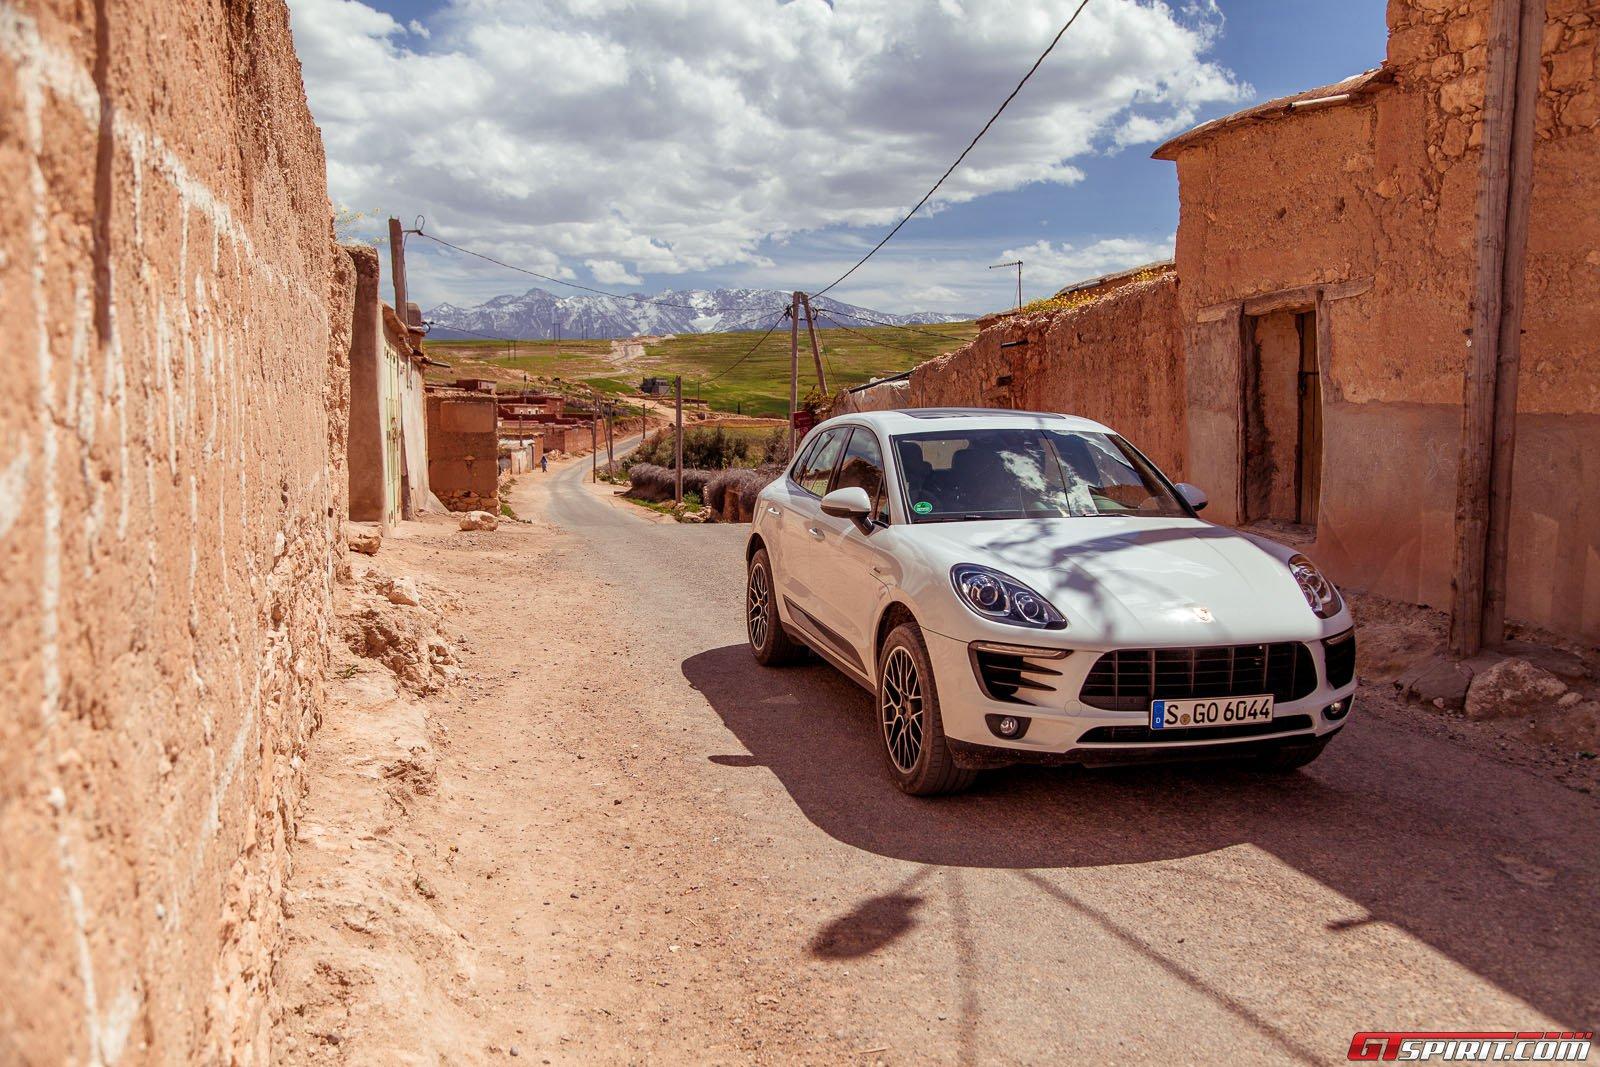 Тест-драйв Porsche Macan в Марокко